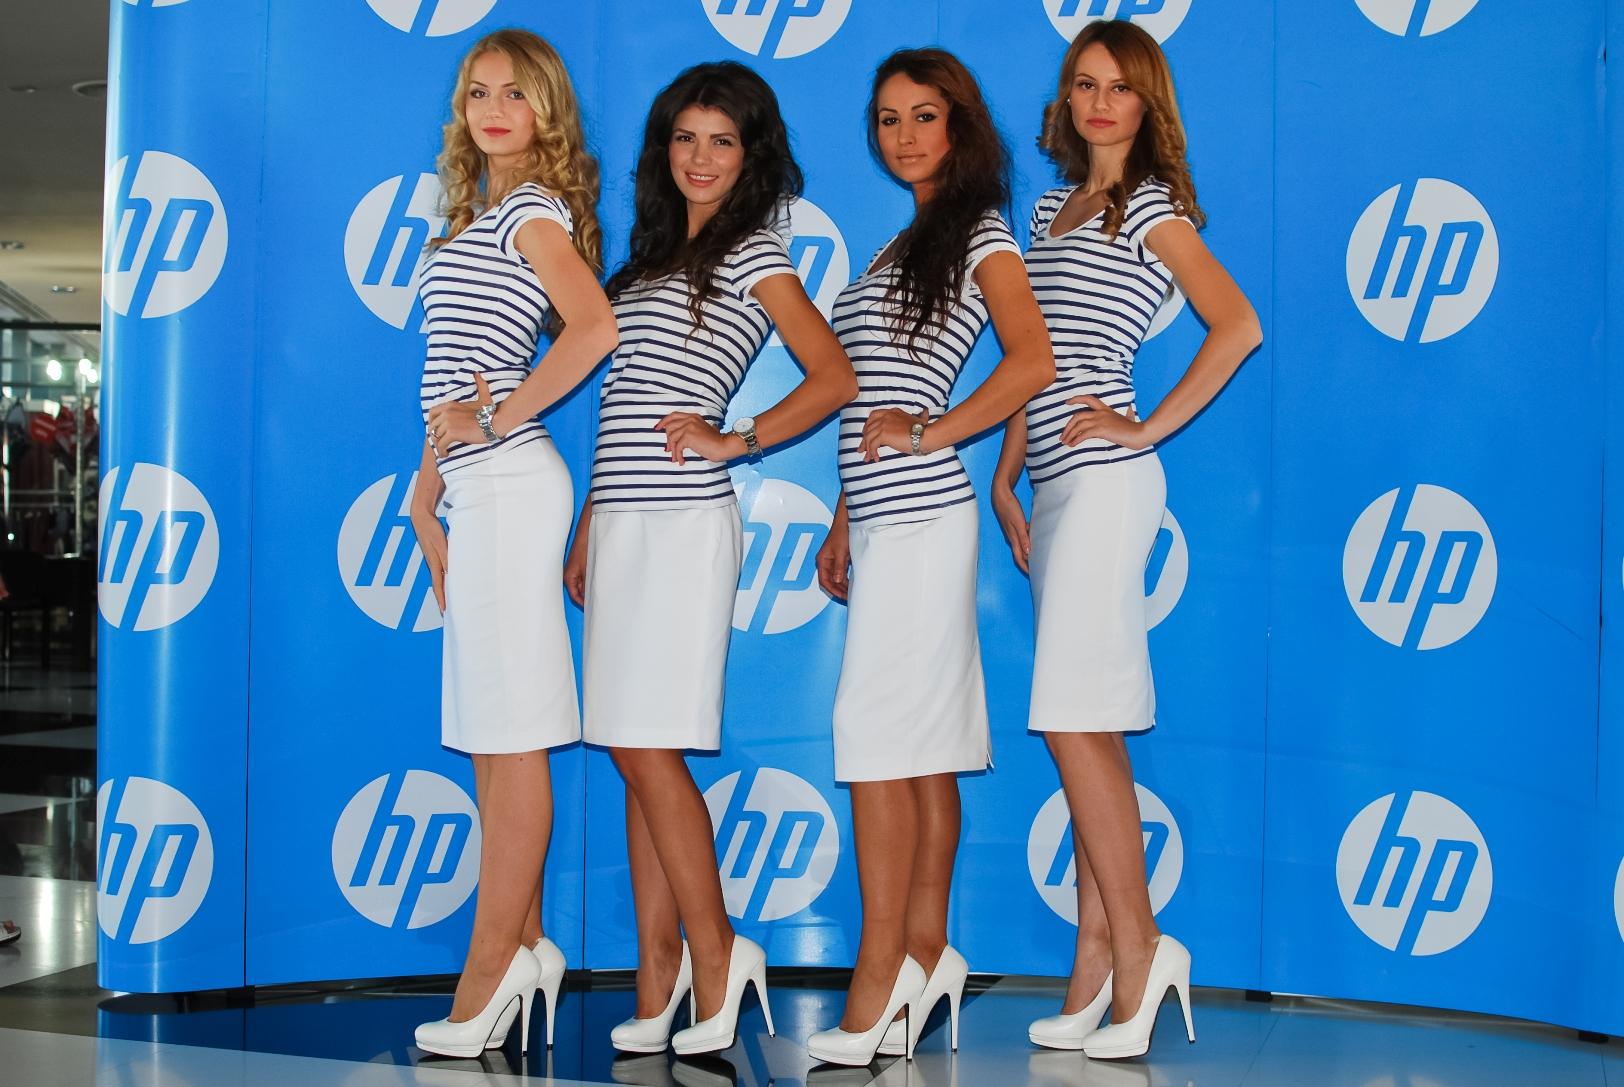 Hostess+Evenimente+-HP+convention+(6).JPG